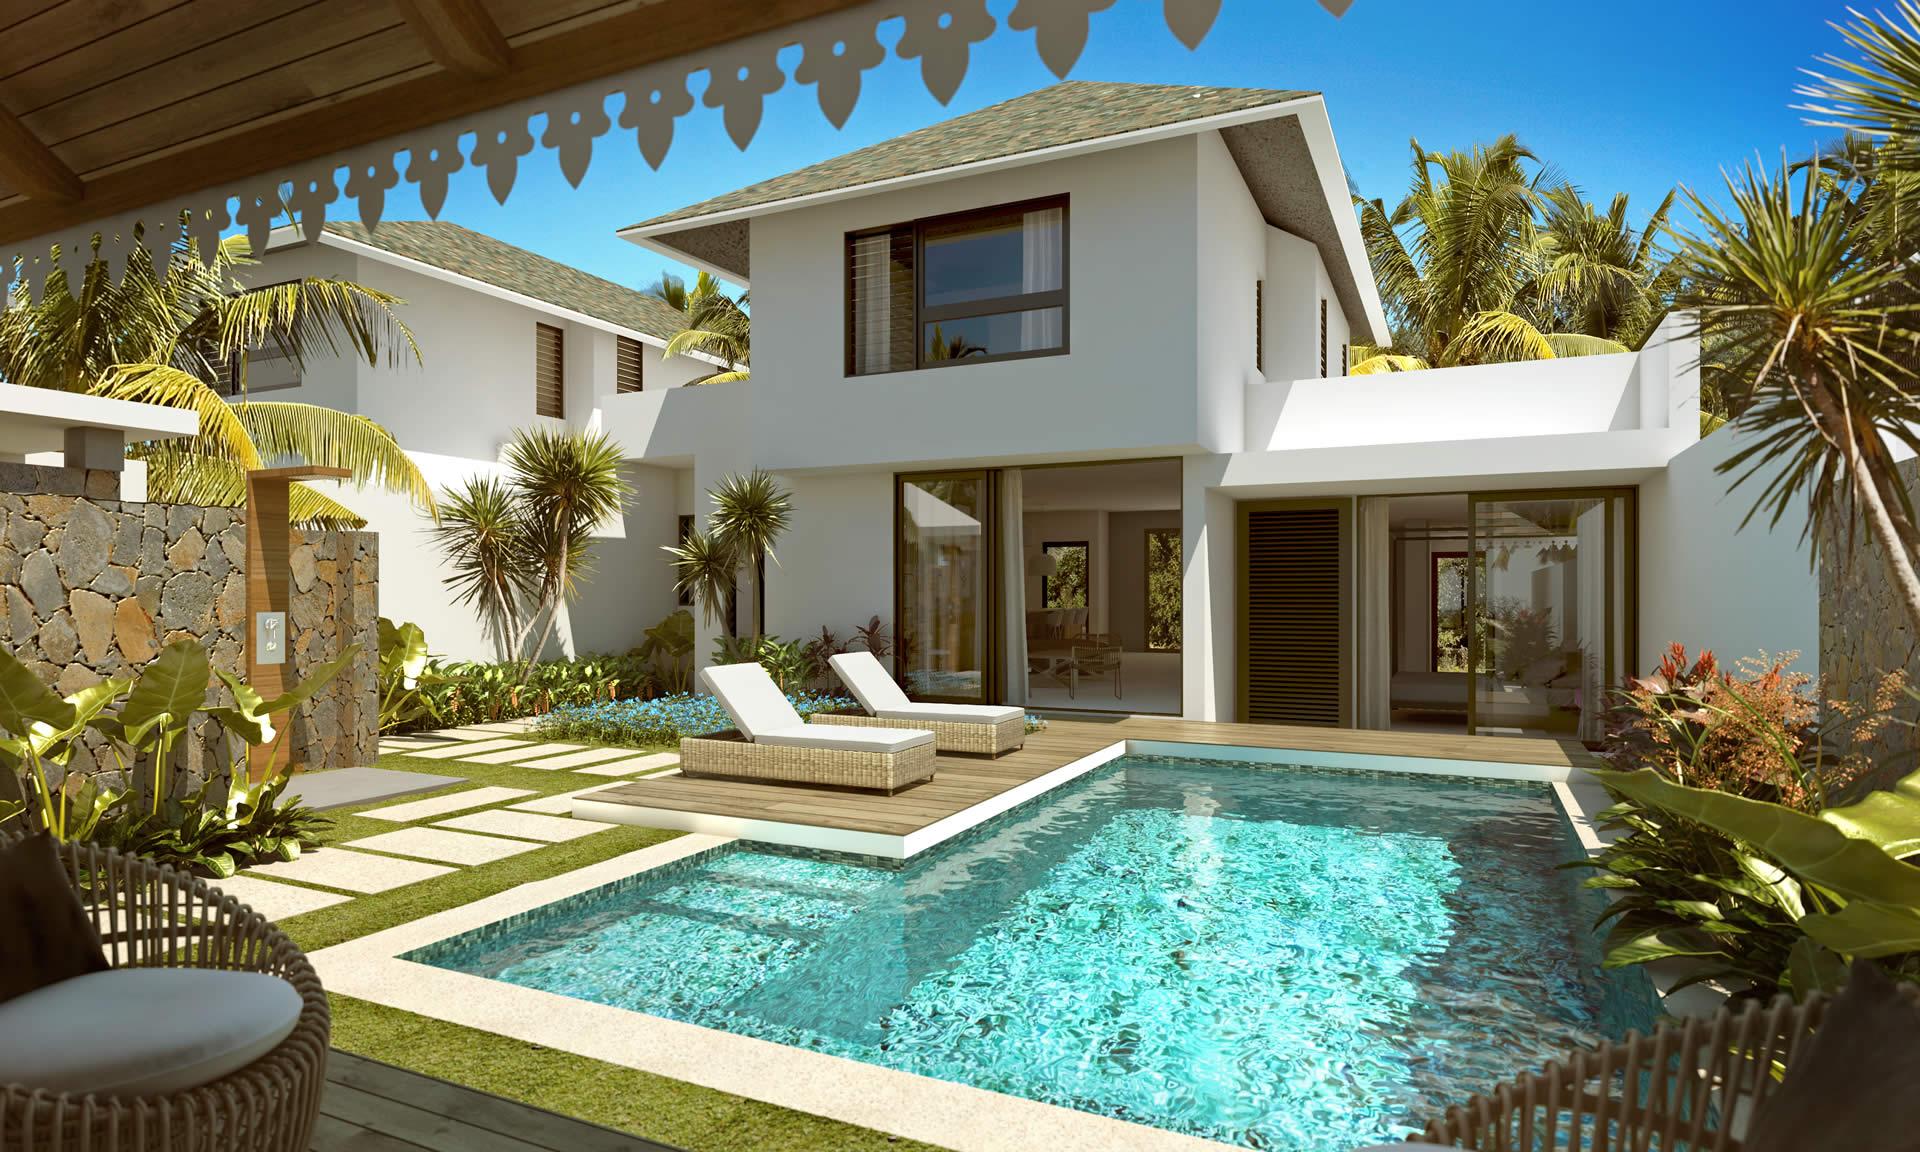 faut il investir dans l 39 immobilier locatif en 2018 investir l 39 le maurice. Black Bedroom Furniture Sets. Home Design Ideas